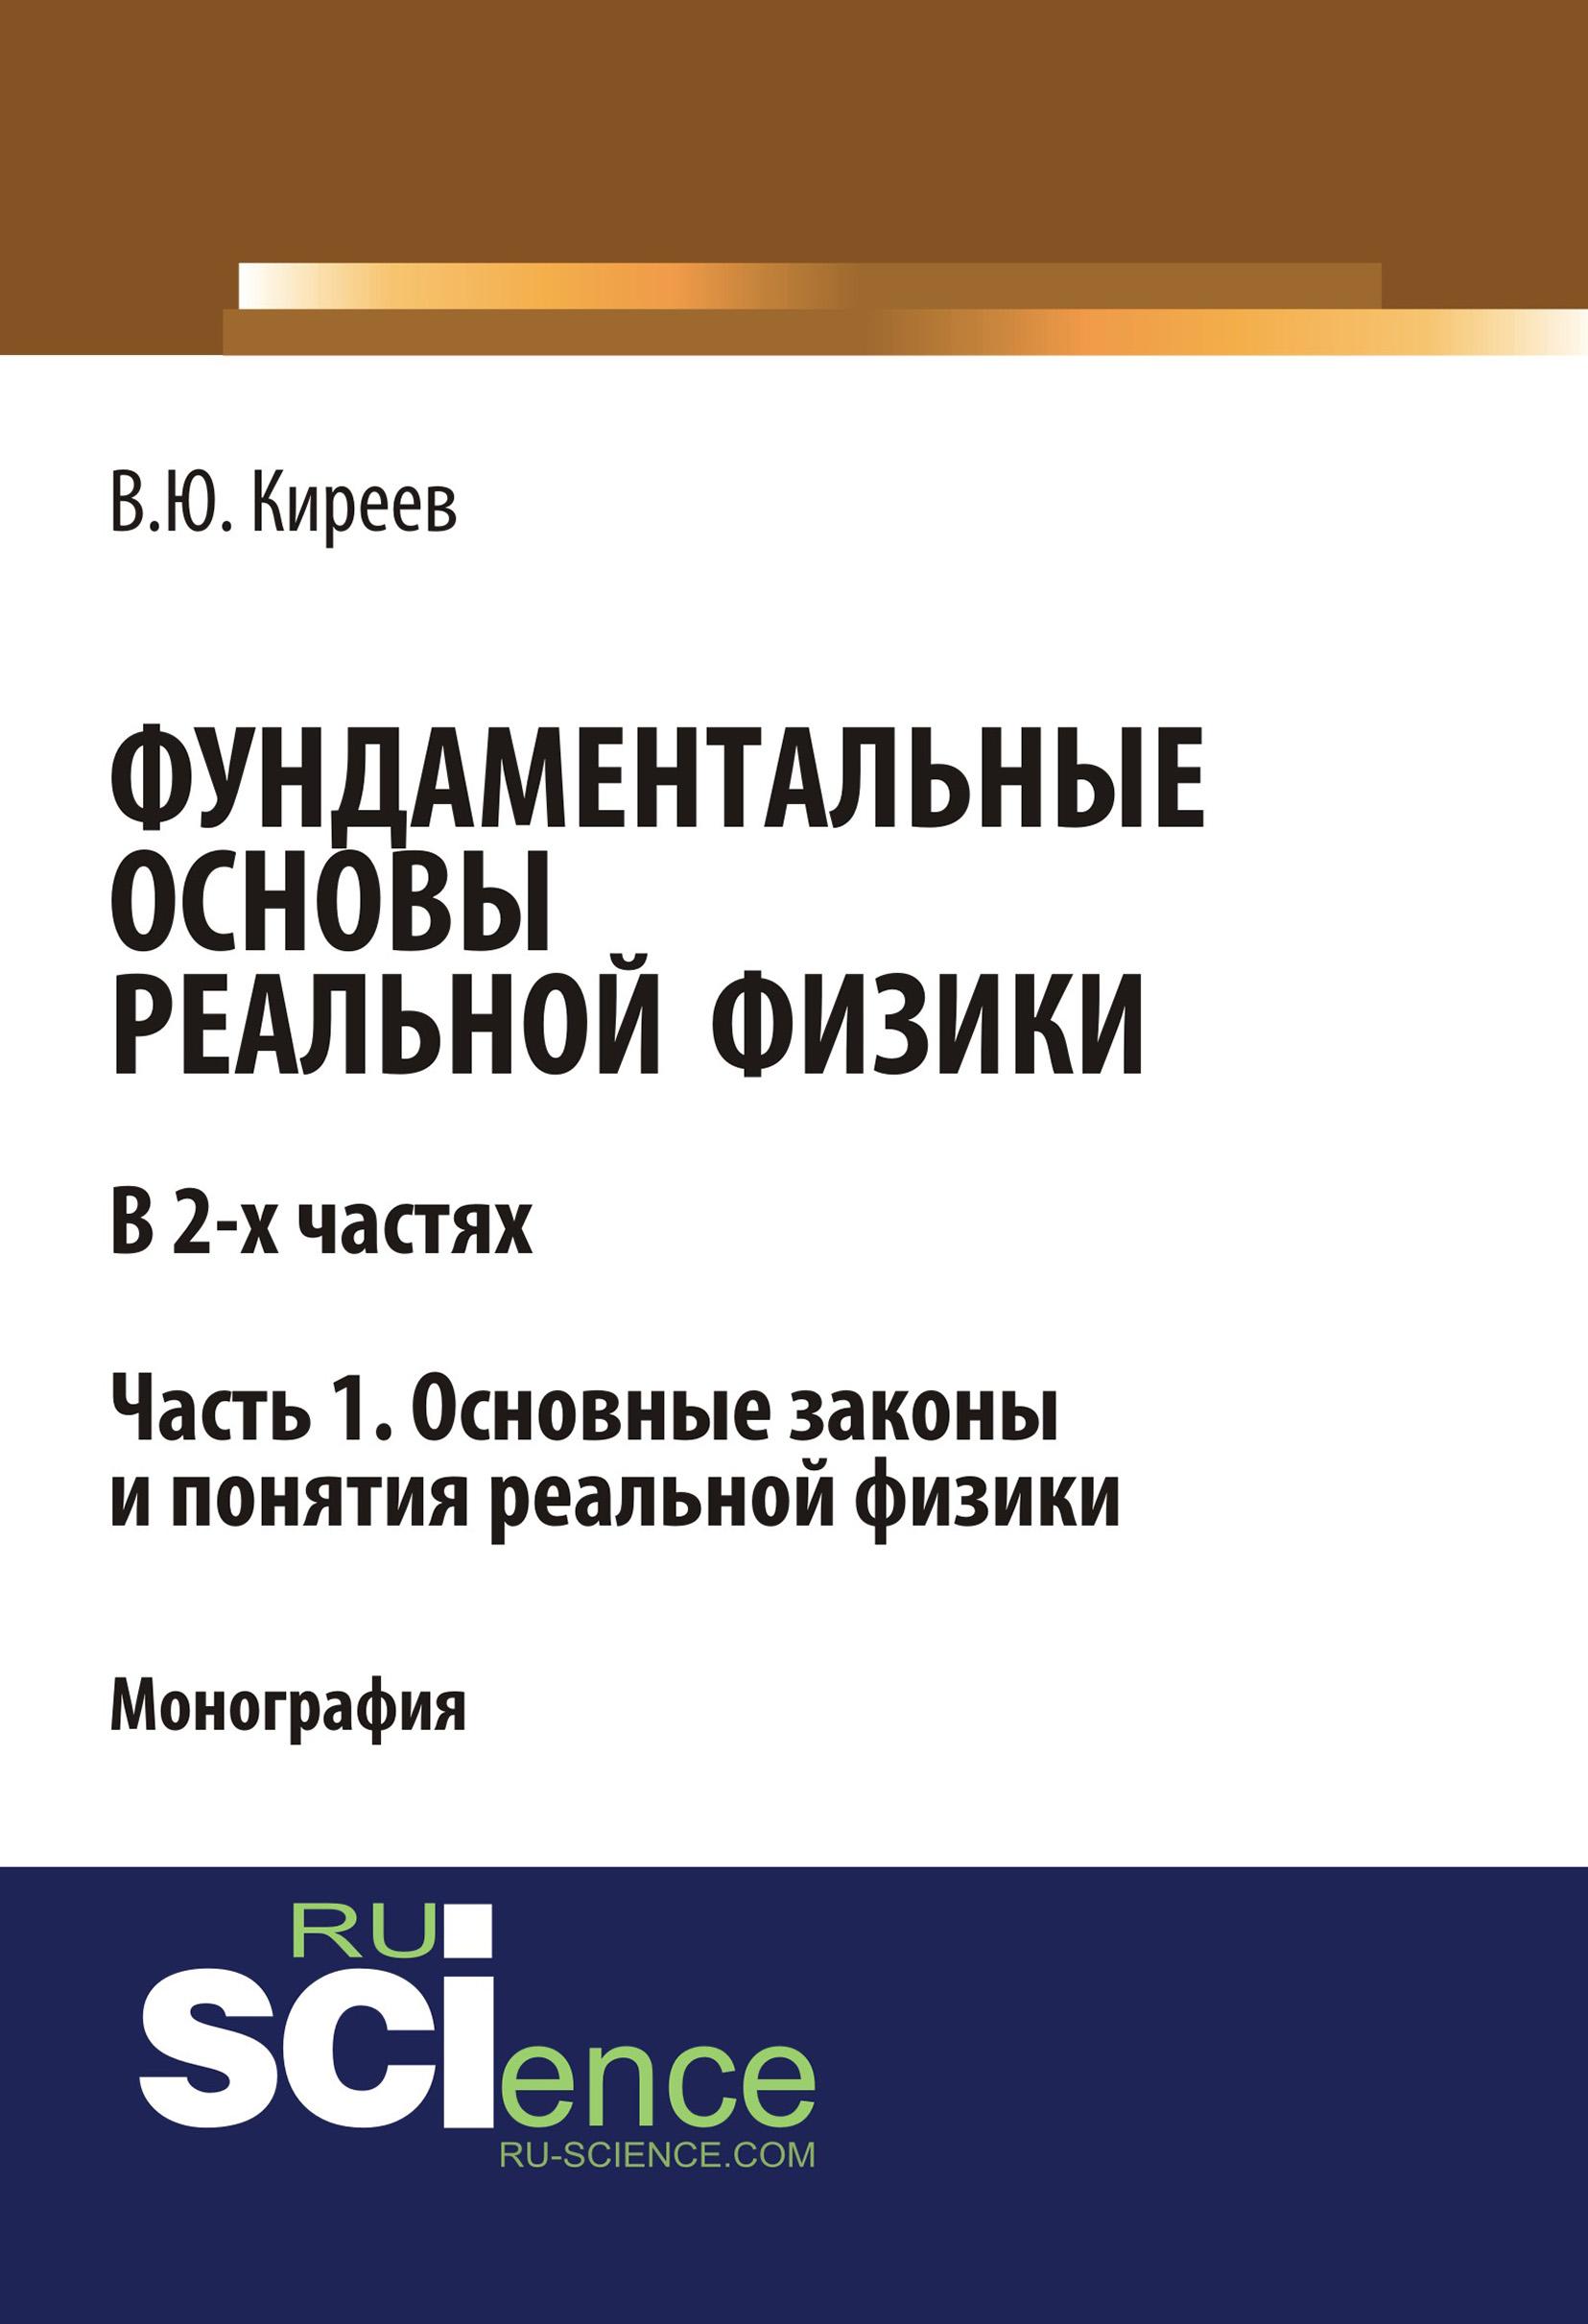 В. Ю. Киреев Фундаментальные основы реальной физики. Часть 1. Основные законы и понятия реальной физики в е зализняк основы вычислительной физики часть 1 введение в конечно разностные методы